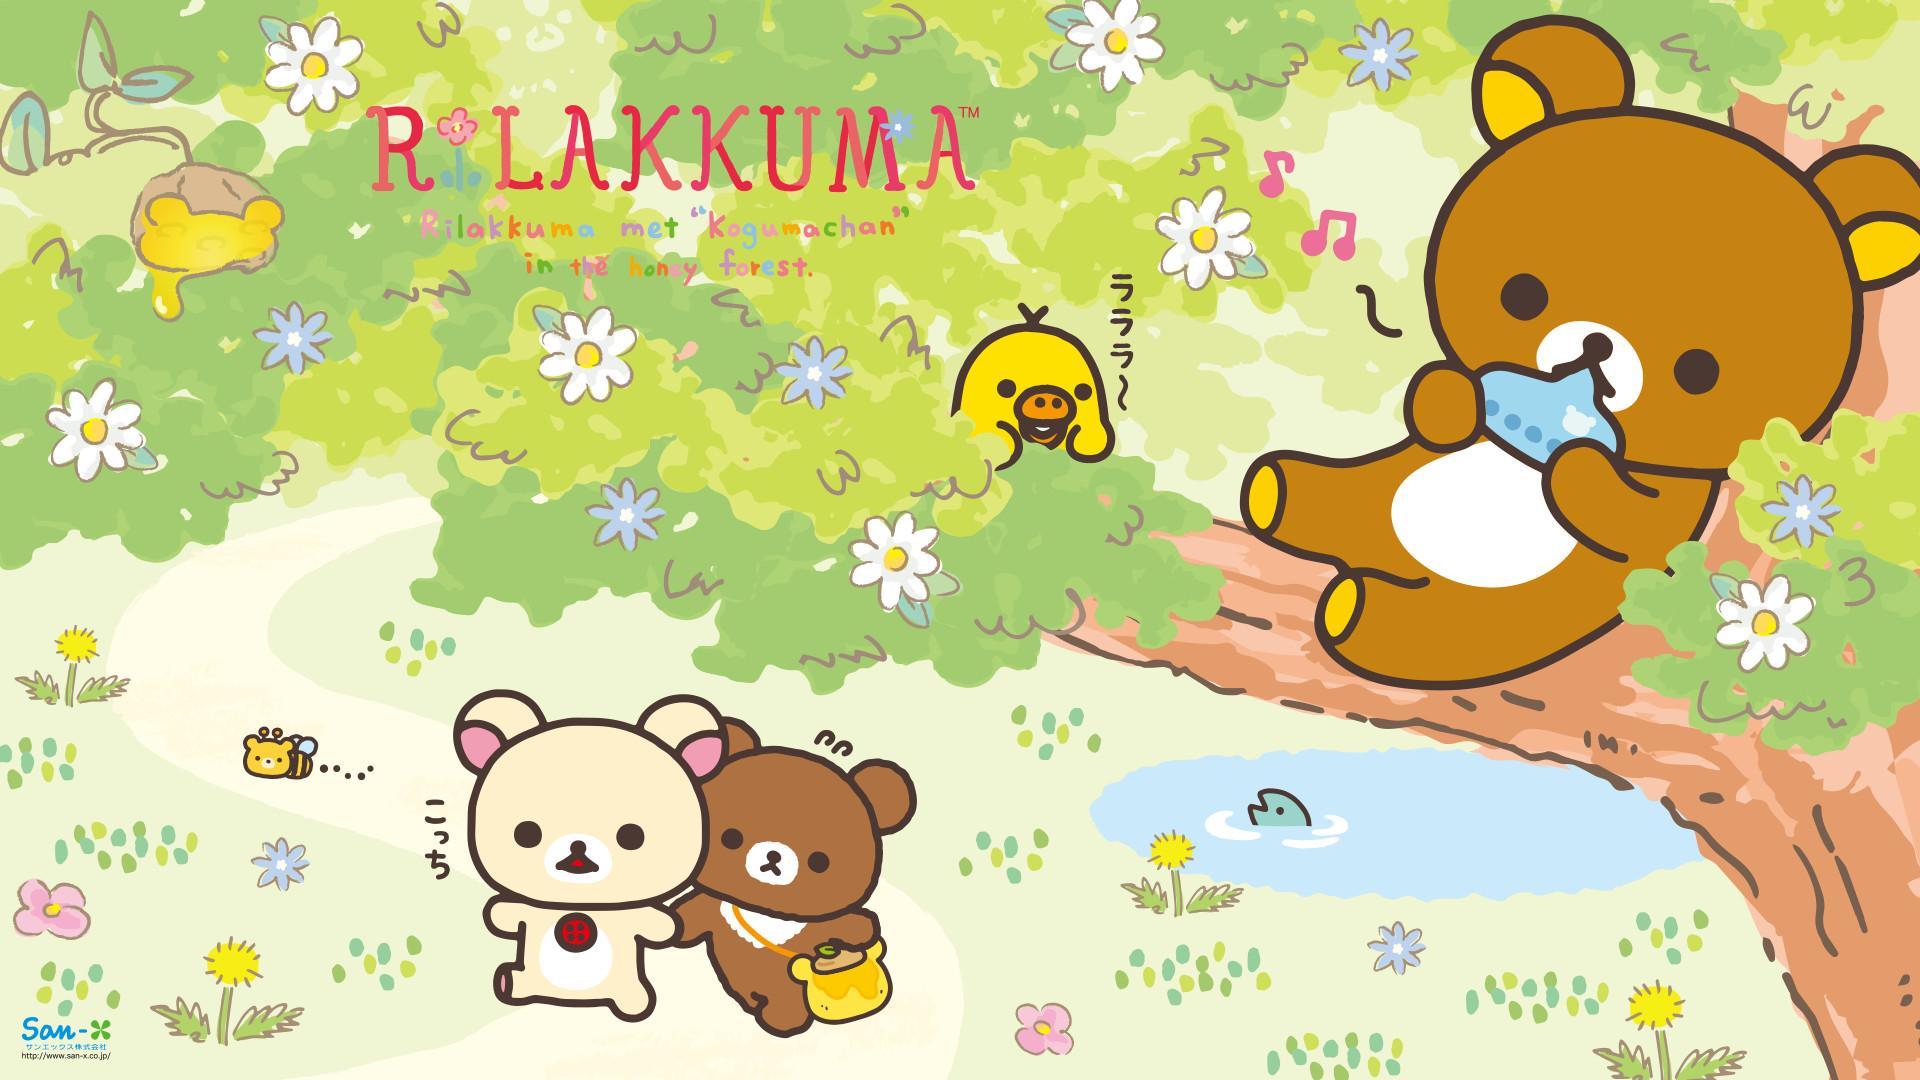 pc01_1080_1920.png (1920×1080) | kawaii character | Pinterest | Rilakkuma,  Sanrio and Patterns